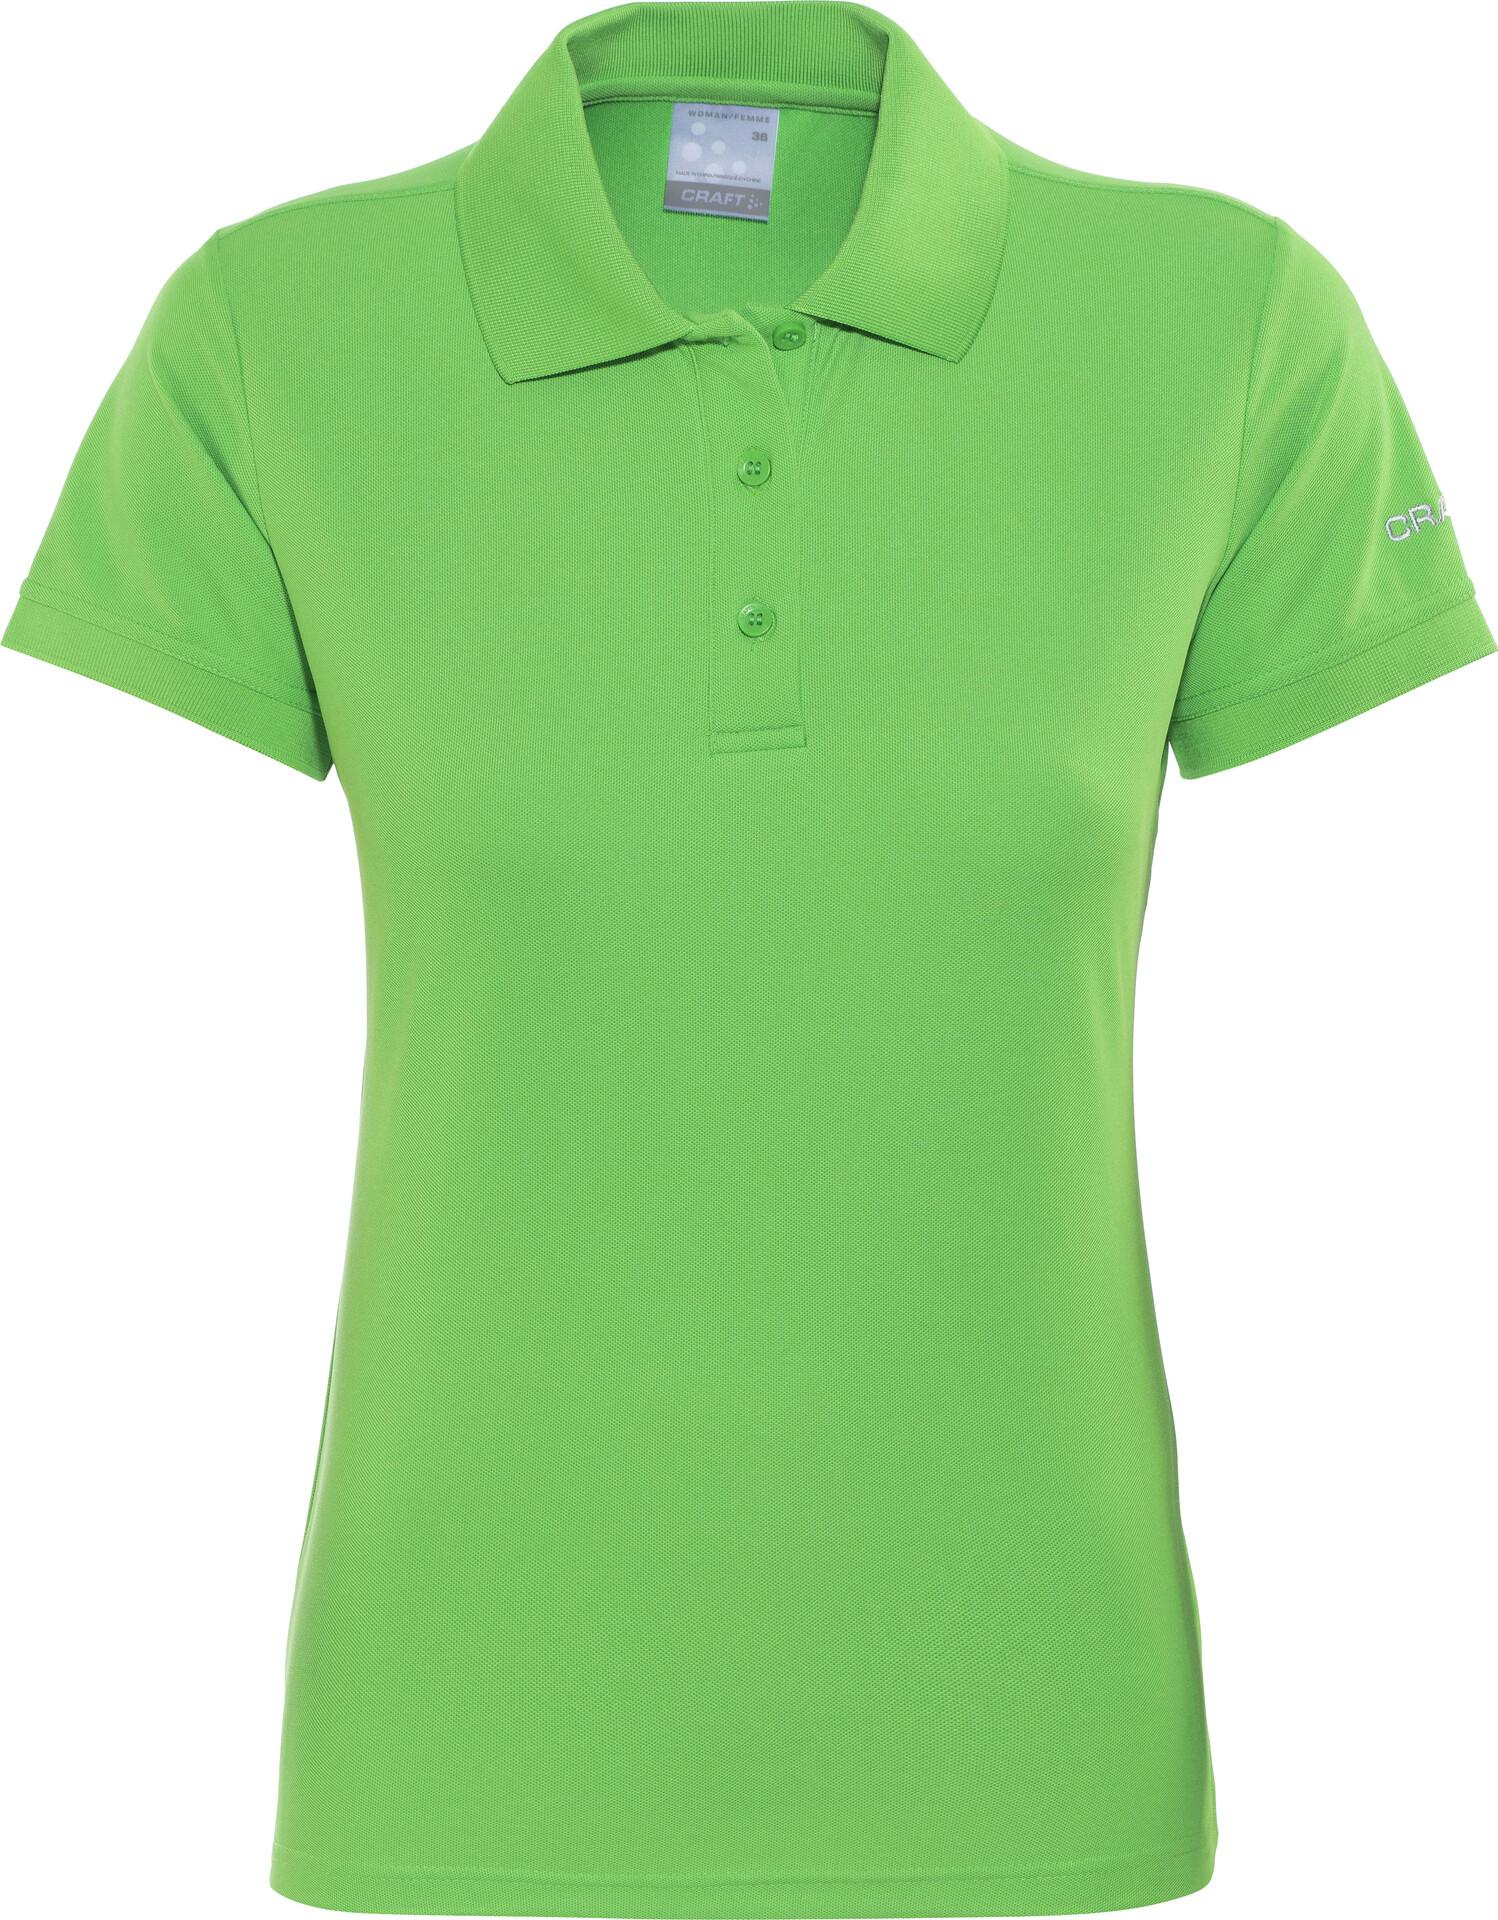 3054534d7 closeout blå and grønn polo shirt d9a40 5b126